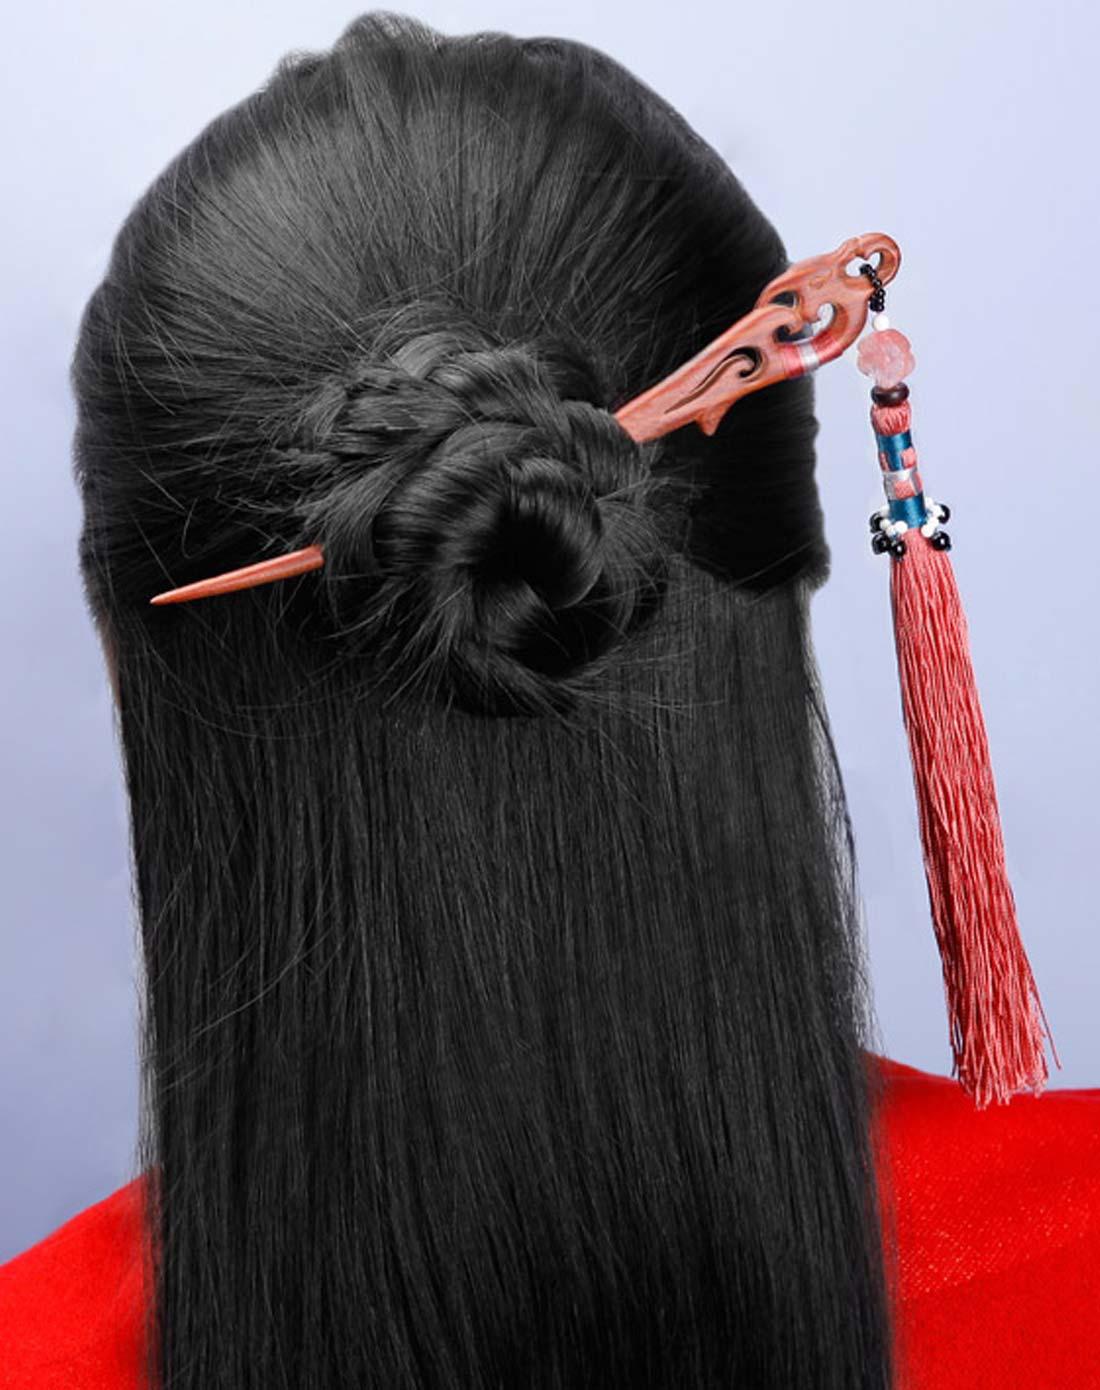 古典红檀木流苏发簪